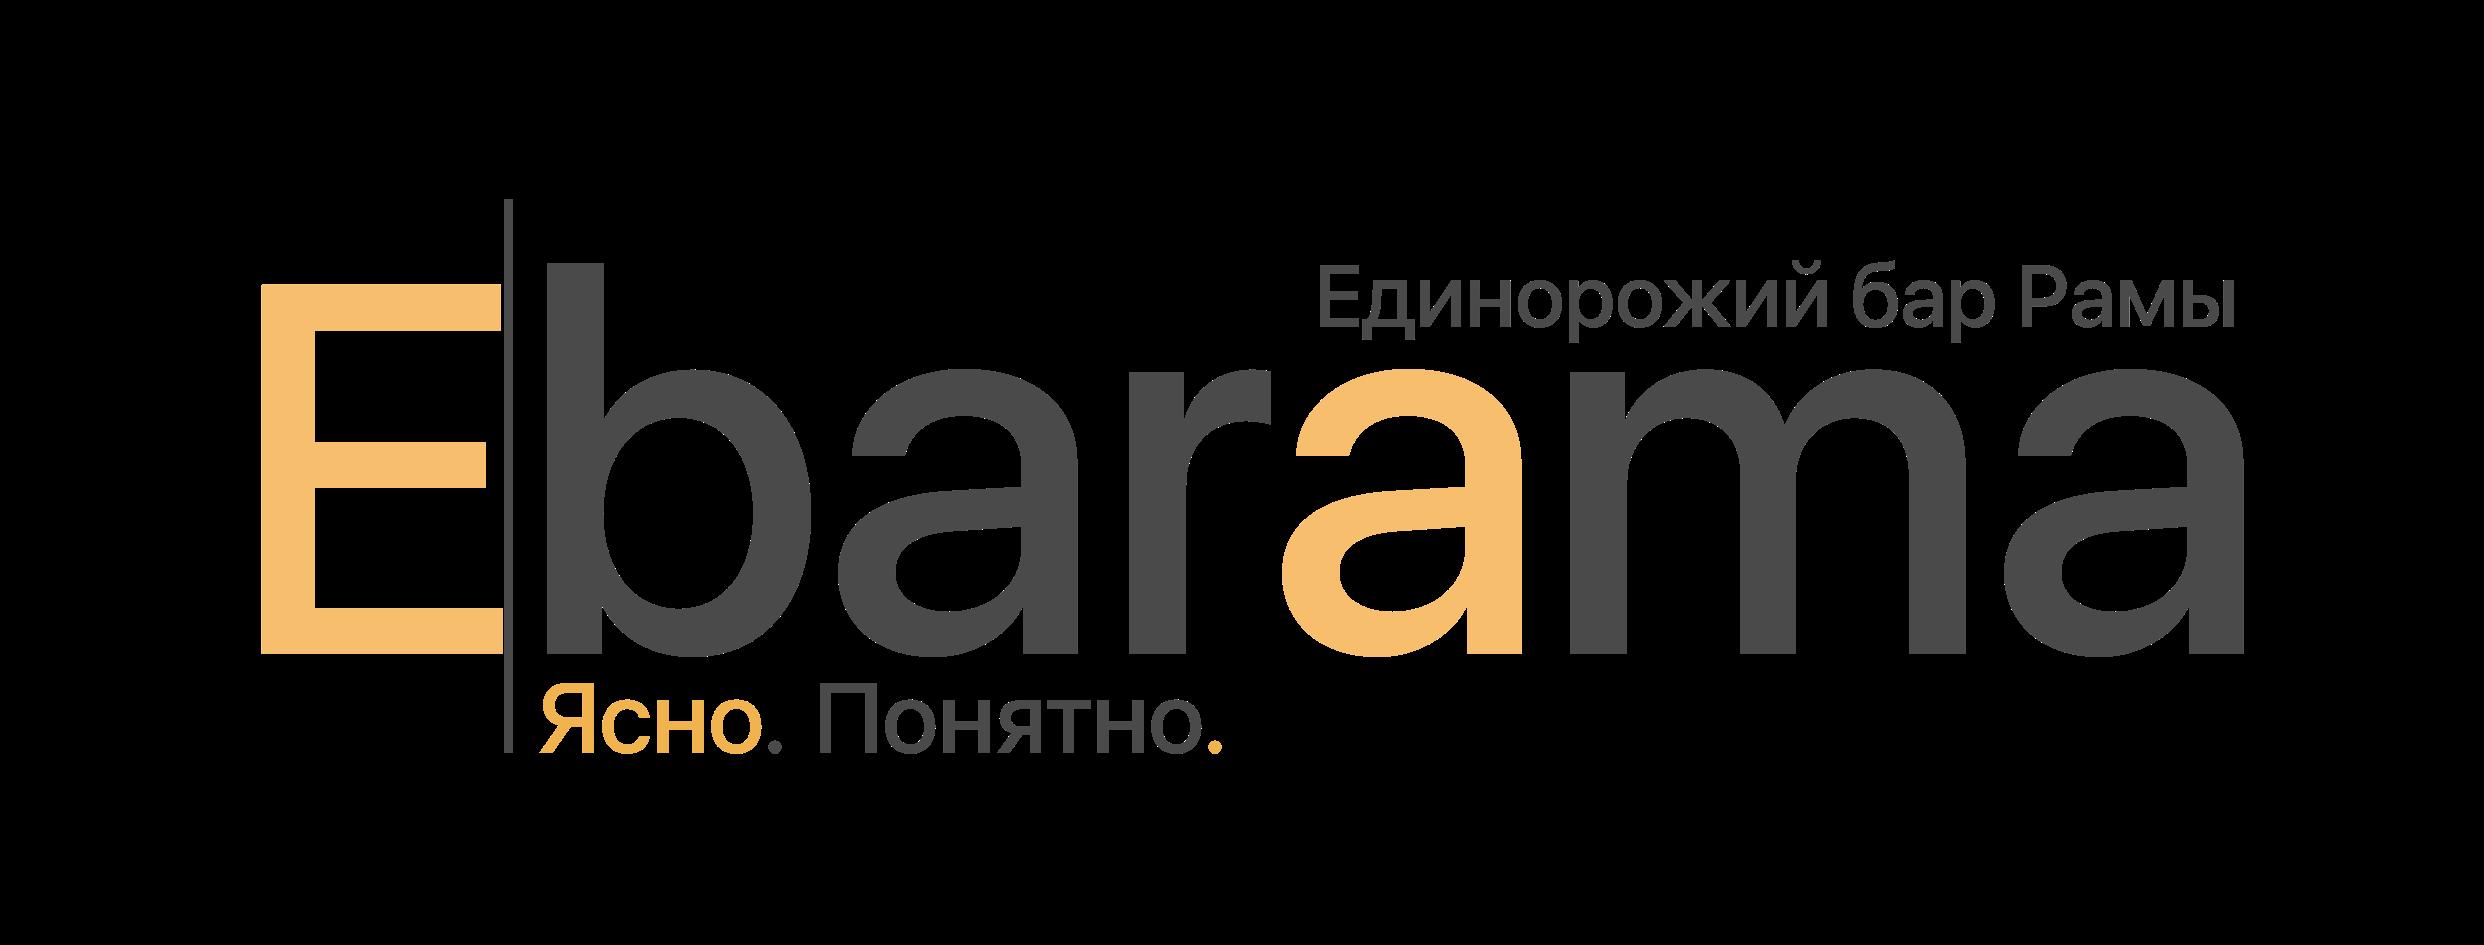 Единорожий Бар Рамы